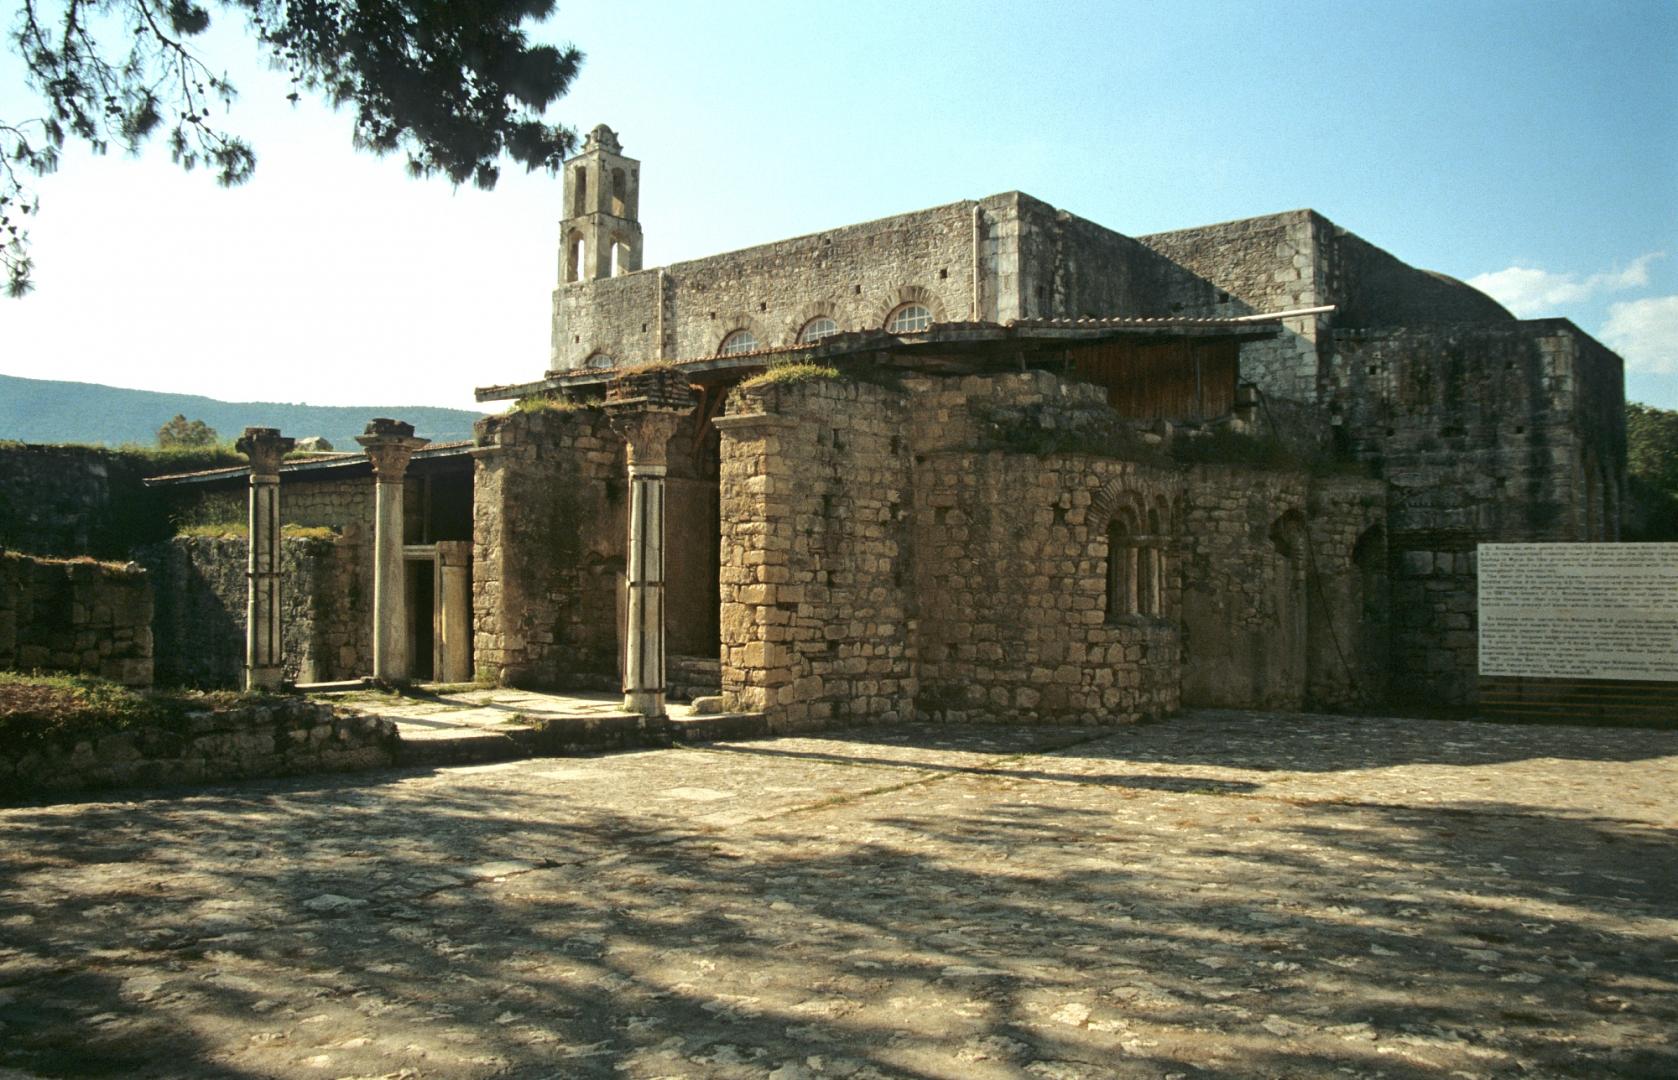 Церковь Святого НиколаяЦерковь Святого Николая, Демр, Турция